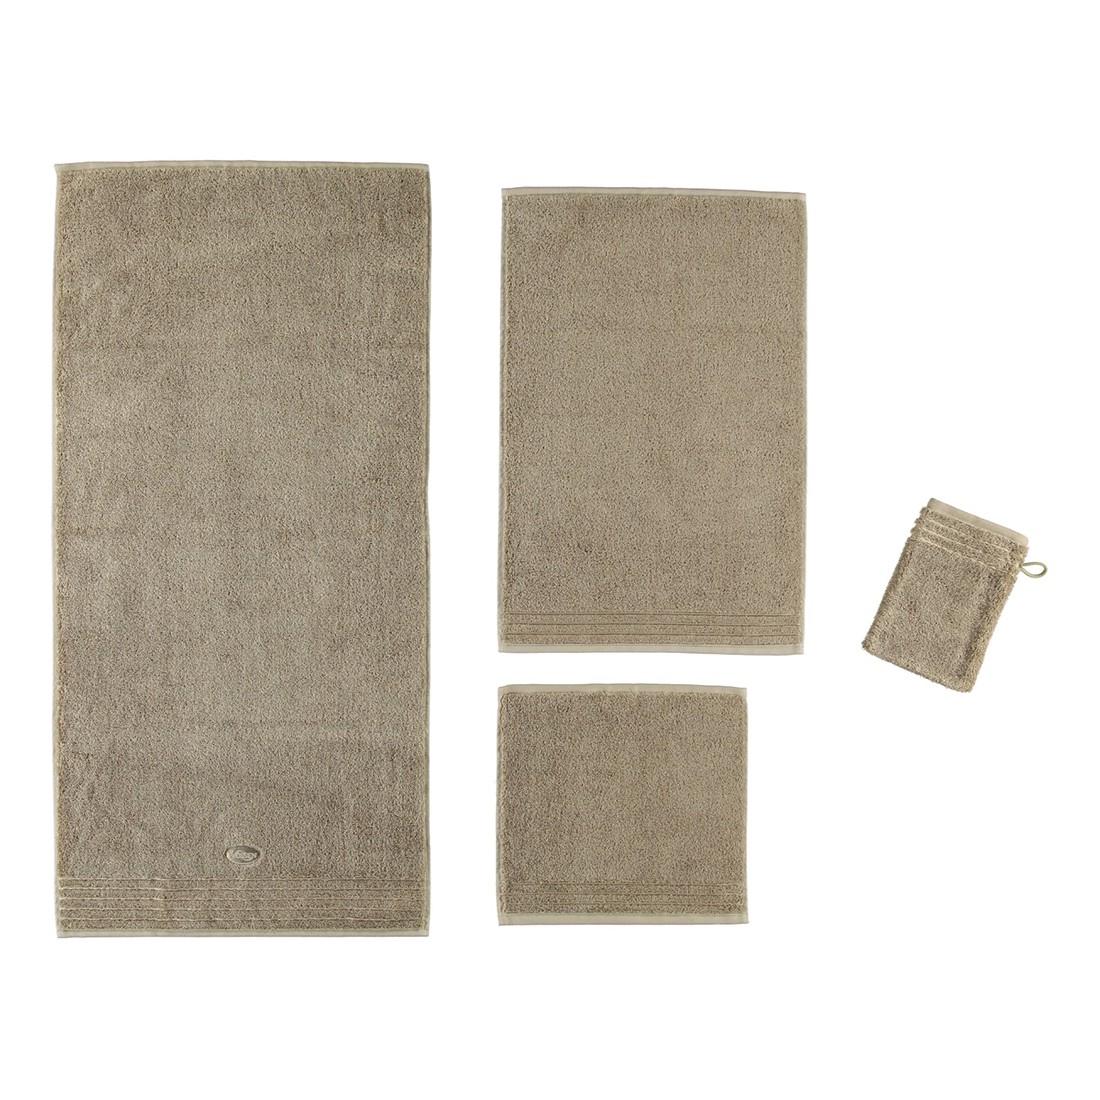 Handtuch Dreams – 100% Baumwolle nougat – 632 – Gästetuch: 40 x 60 cm, Vossen günstig bestellen